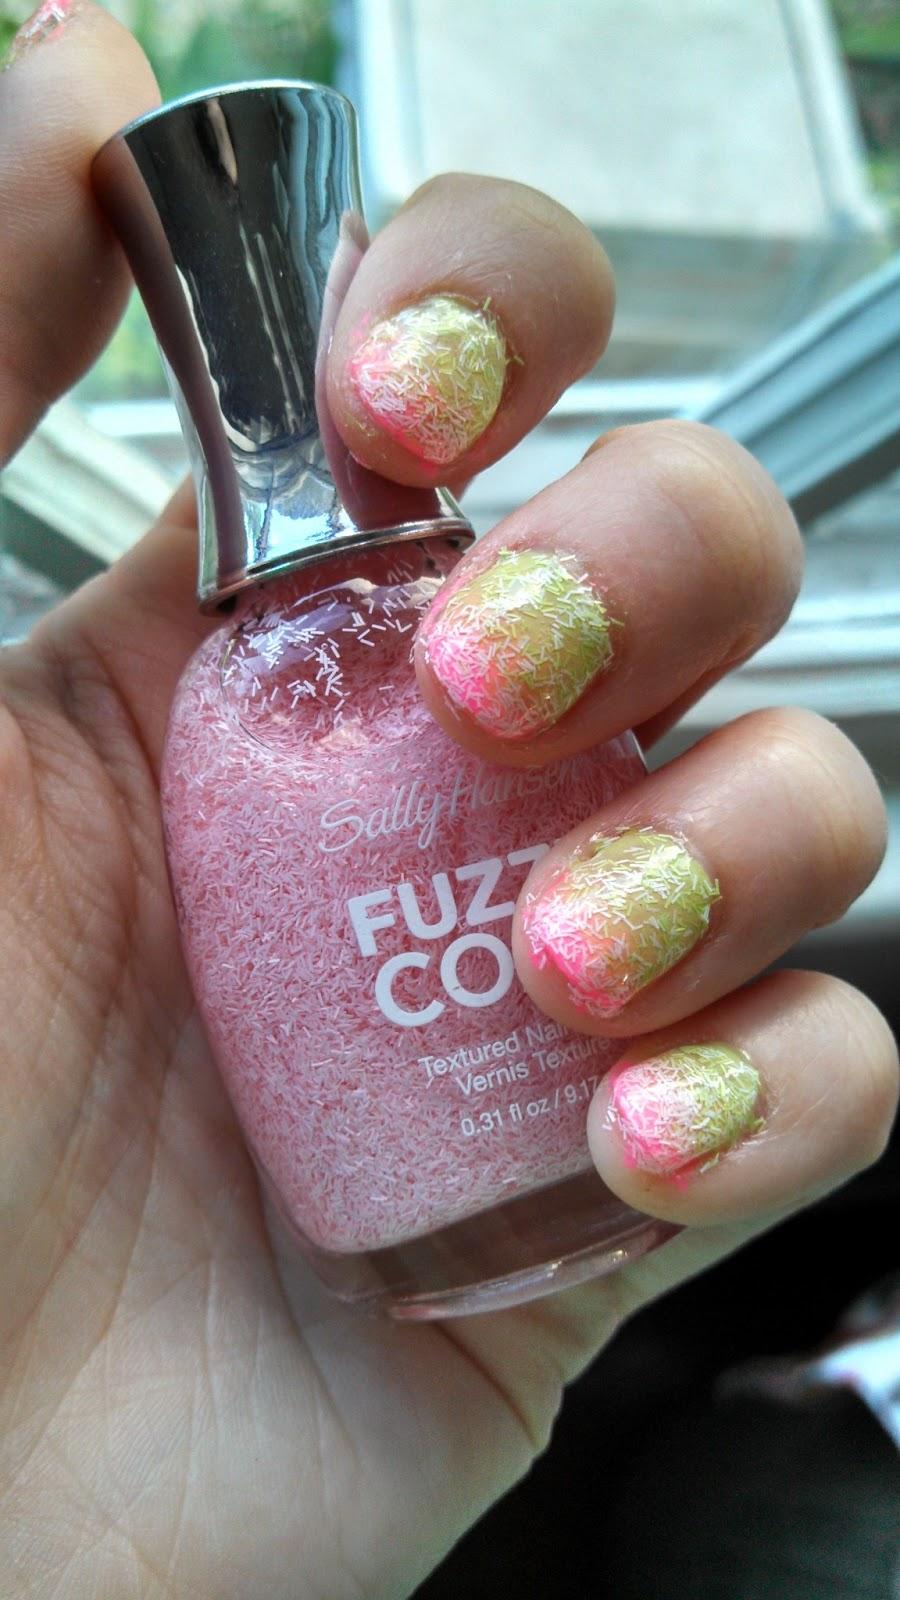 Nail Polish? Nail Polish!: Fuzzy Coat Gradient - Pink and Green